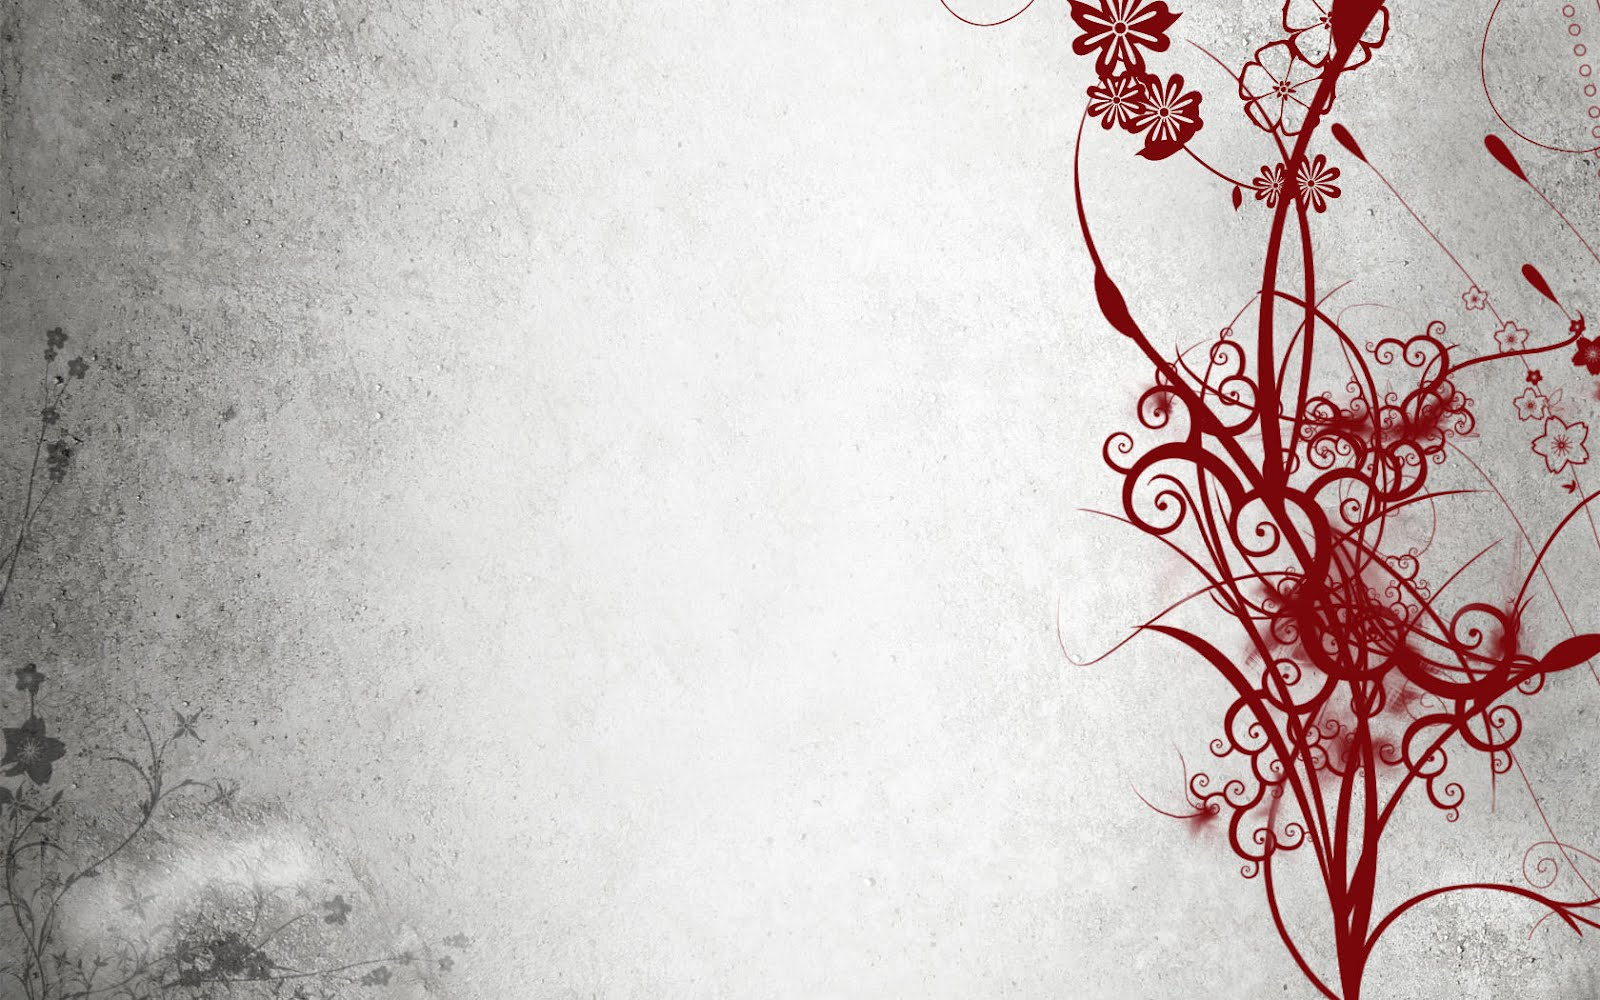 http://2.bp.blogspot.com/-u6VxIvU4U_M/UECUpHiHP6I/AAAAAAAACgs/KWoI6KBIWyw/s1600/Red_wallpaper%252B%25252813%252529.jpg